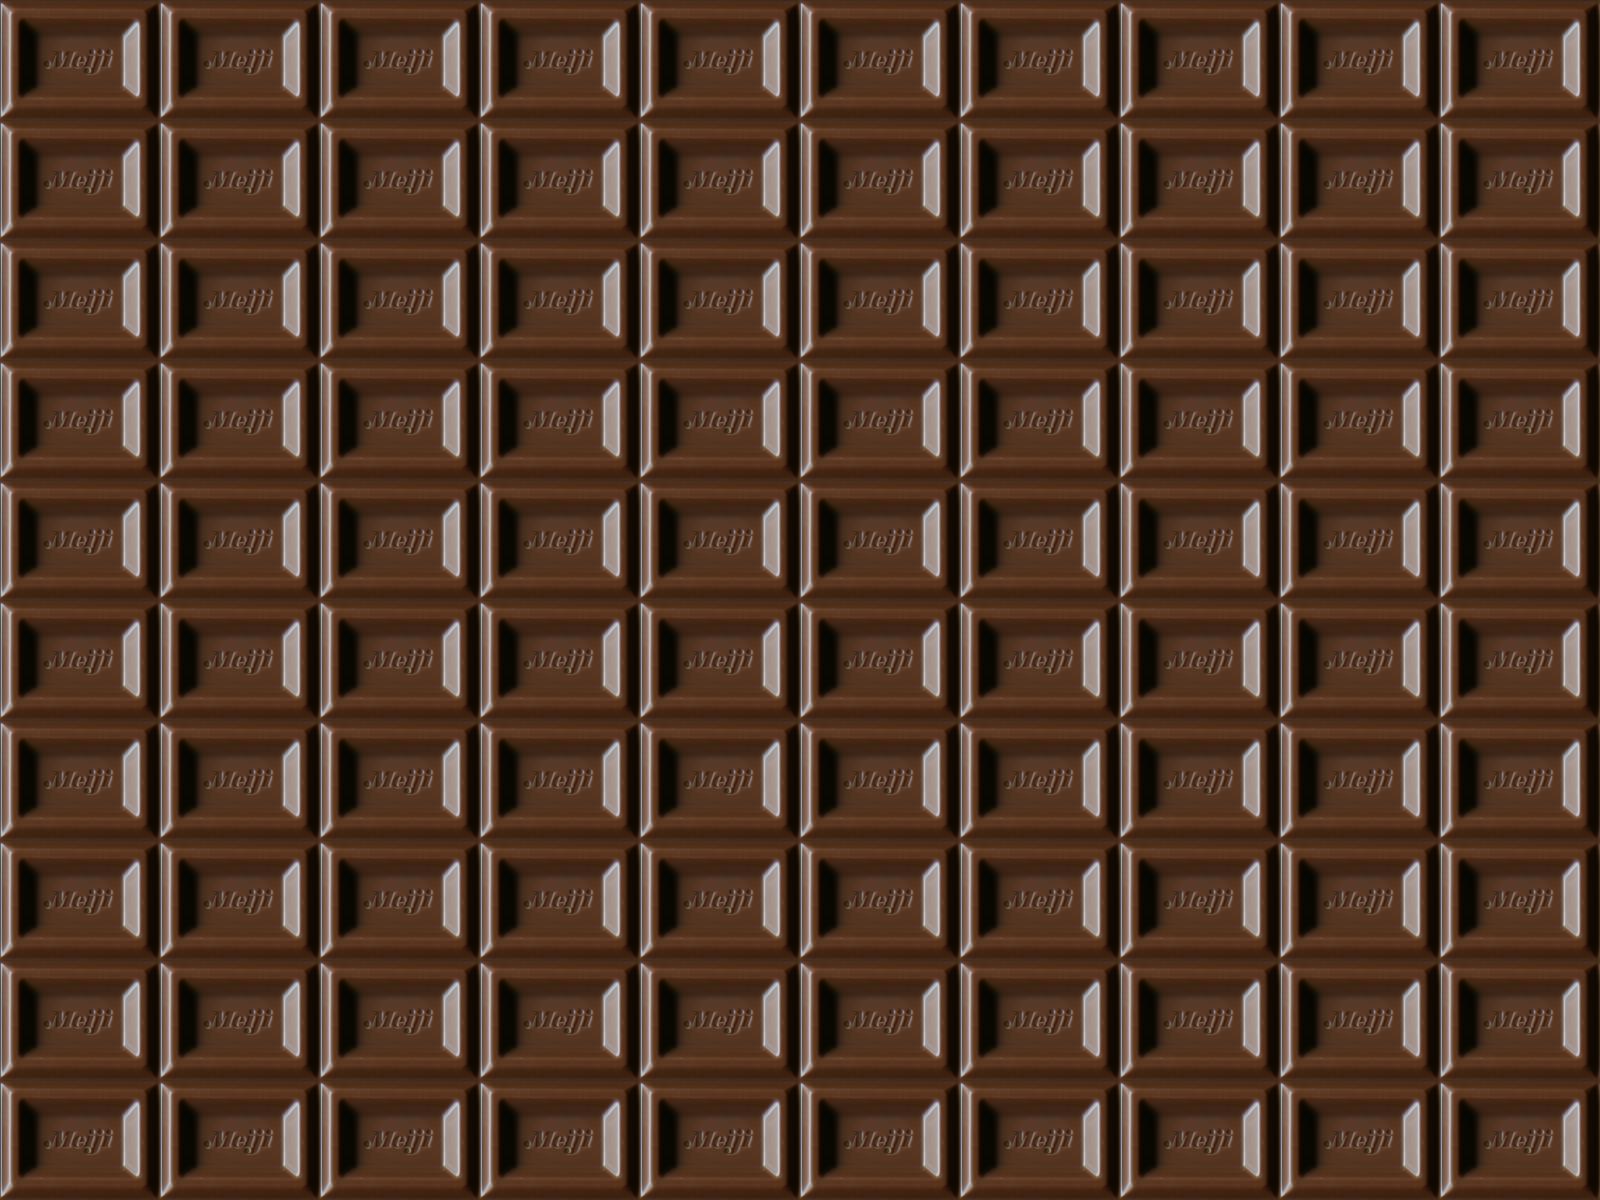 明治チョコレート 小さめ 1600x1200pix size